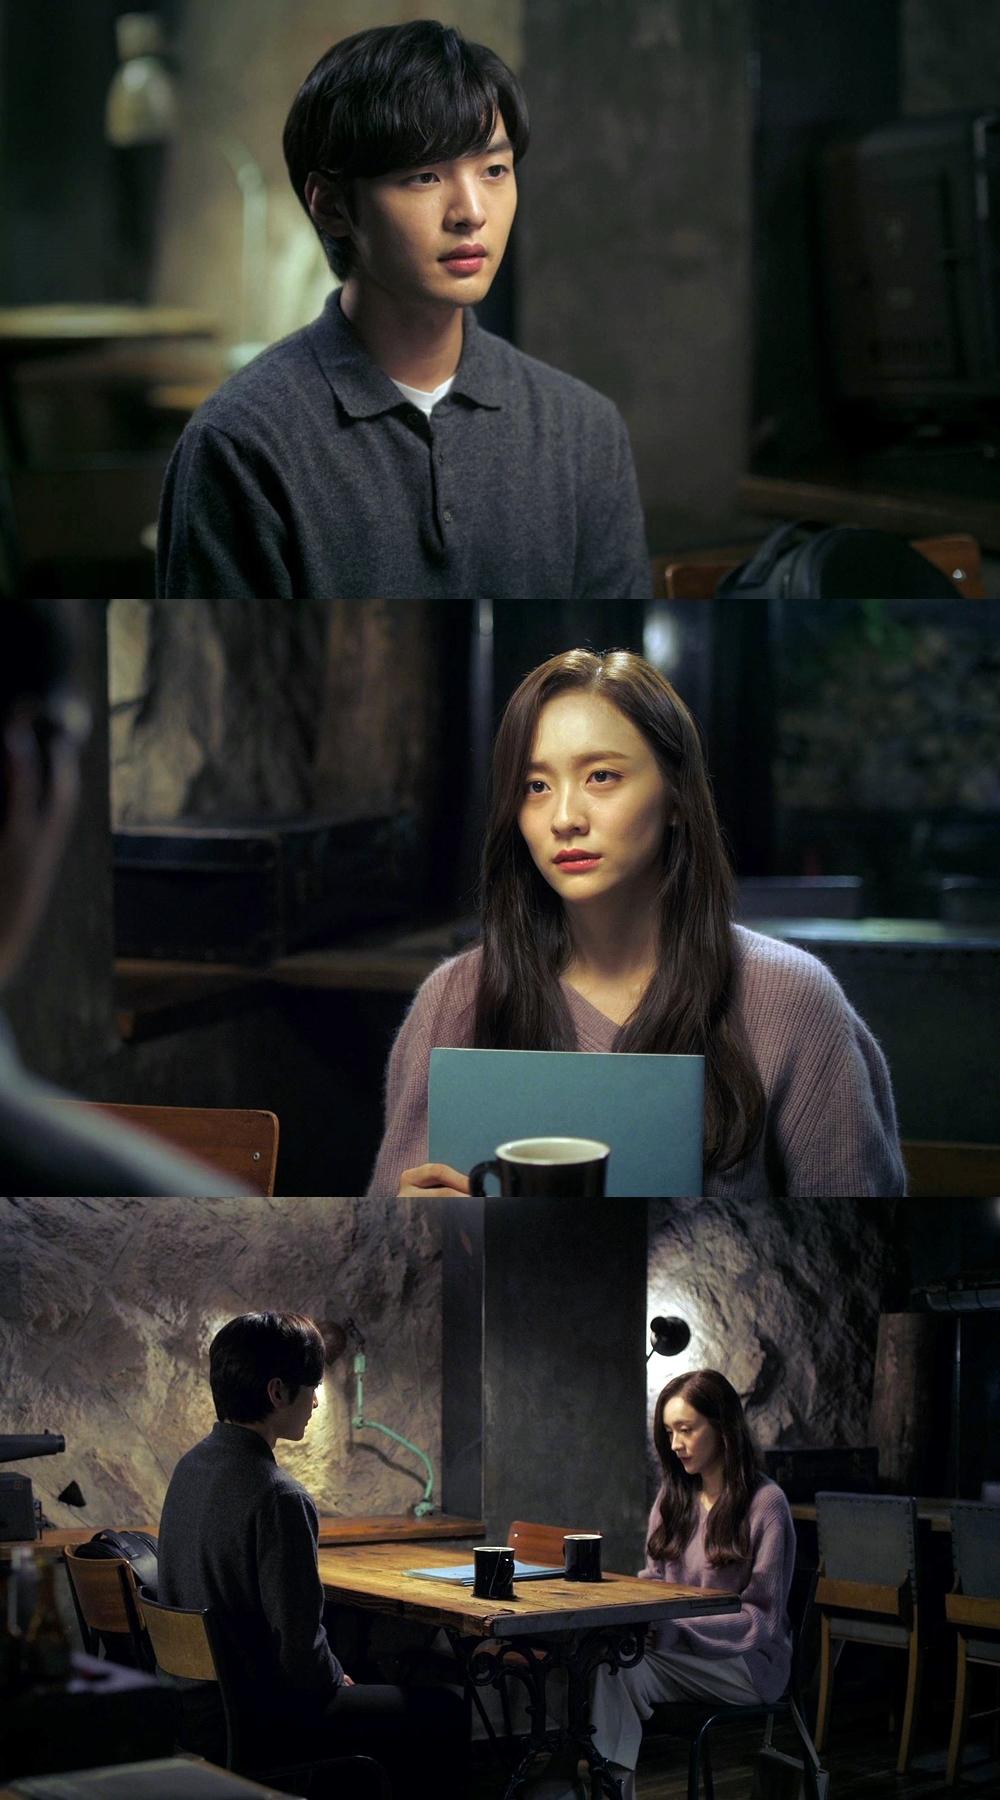 """'브람스를 좋아하세요' 김민재, 박지현 완전히 밀어내나? """"다시 보지 말자"""" 선언"""